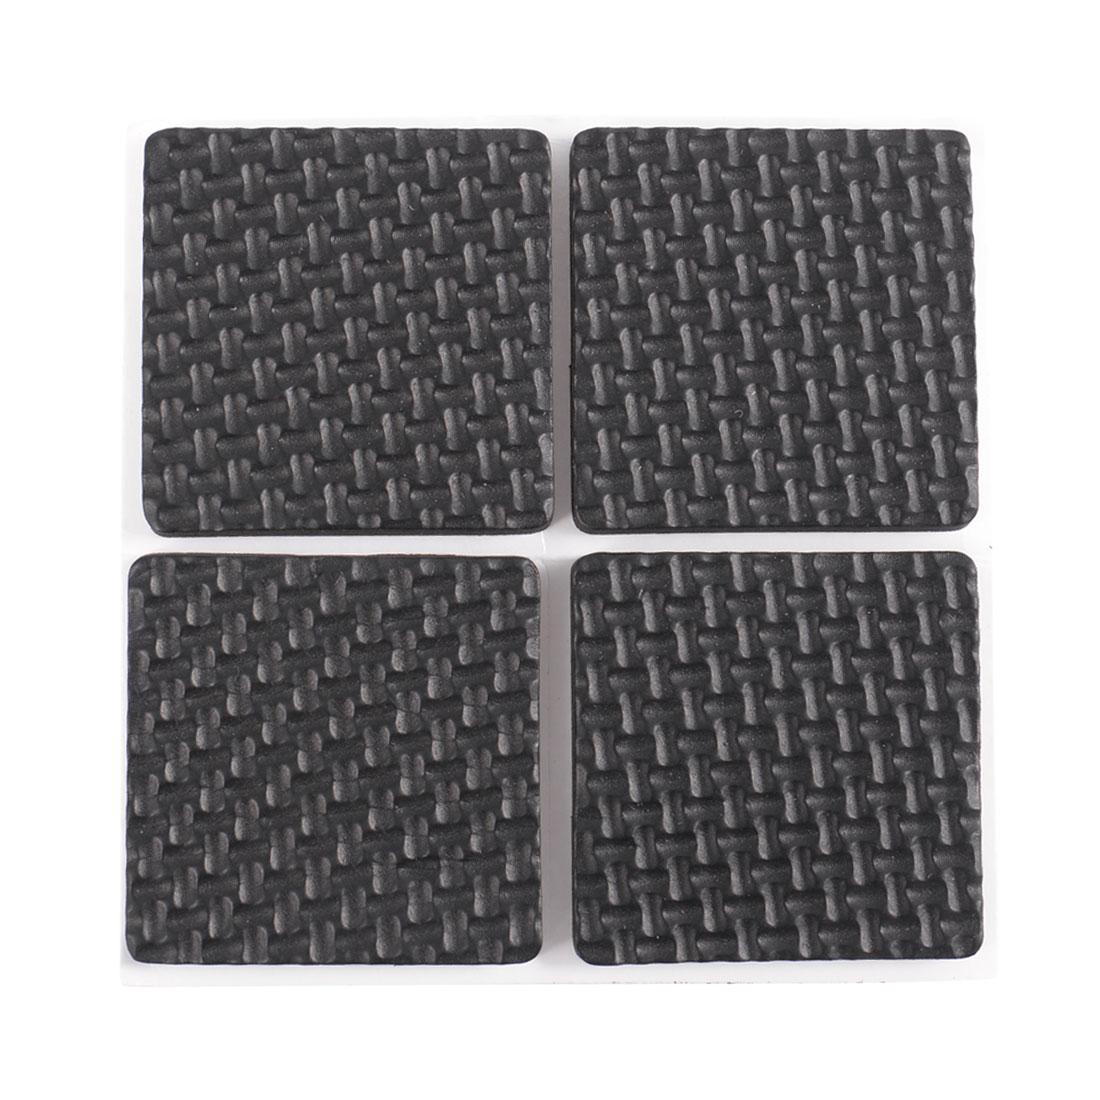 4 Pcs Square Shaped Black Nonslip Foam Adhesive Pad Mat for Furniture